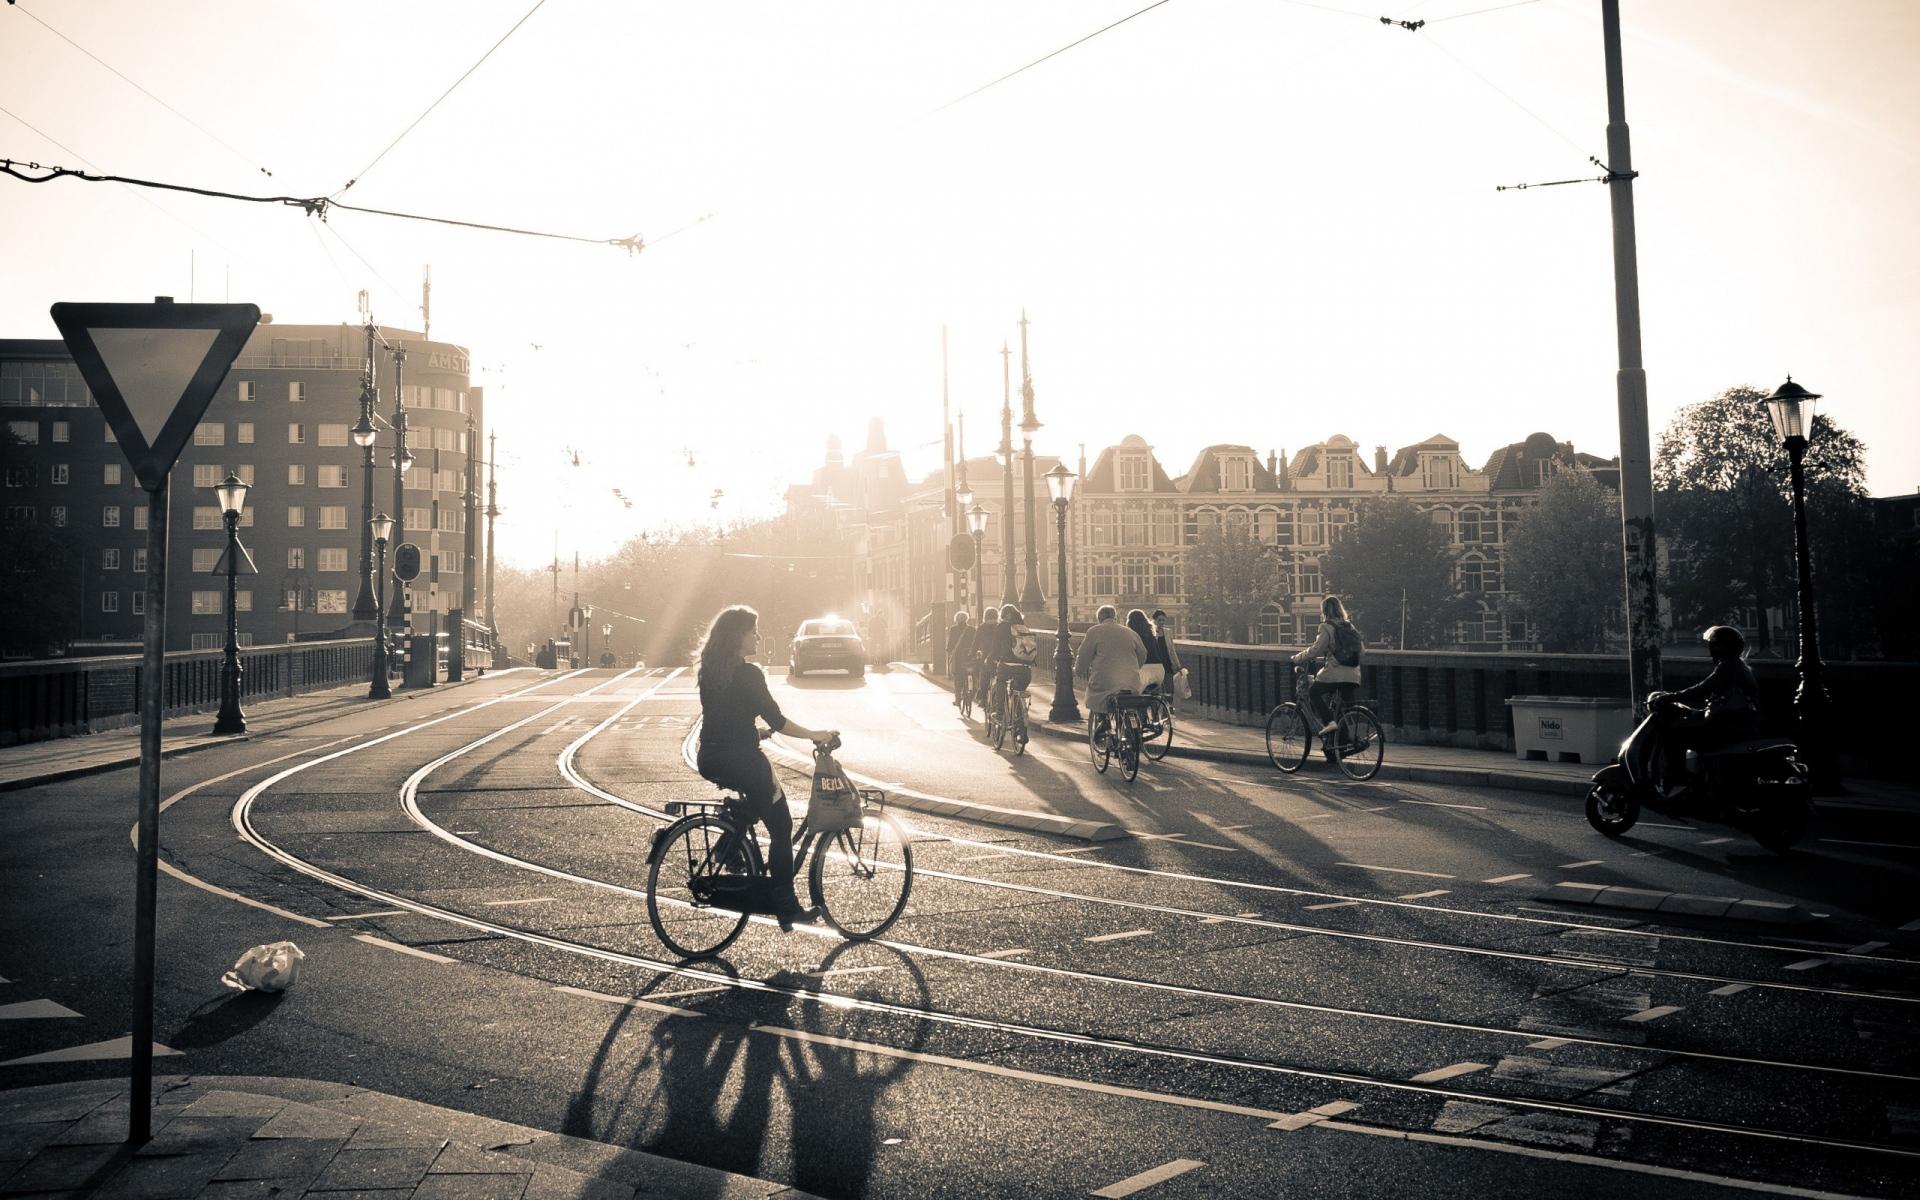 Картинки Улица, дорога, велосипед, люди, свет, солнце, черный белый фото и обои на рабочий стол